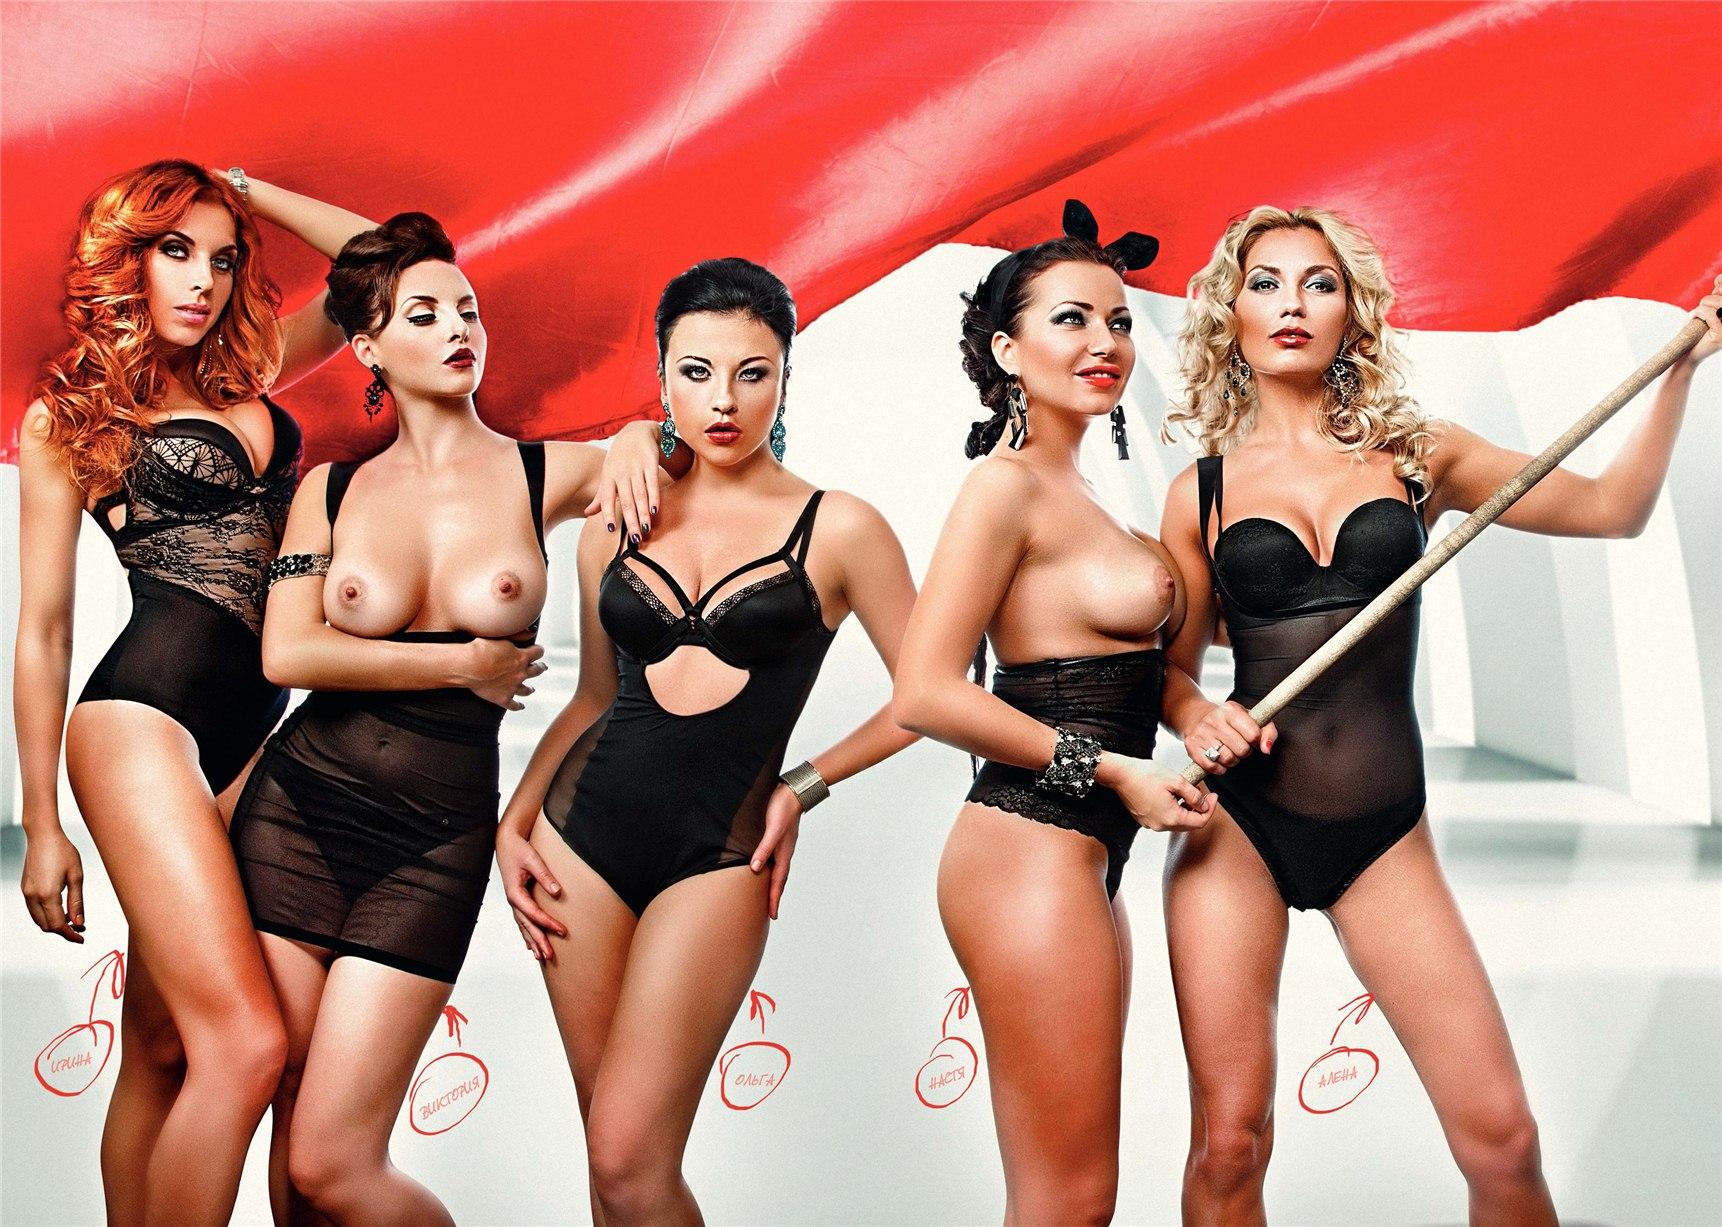 Фотки девушек голых група поювшие тоусы